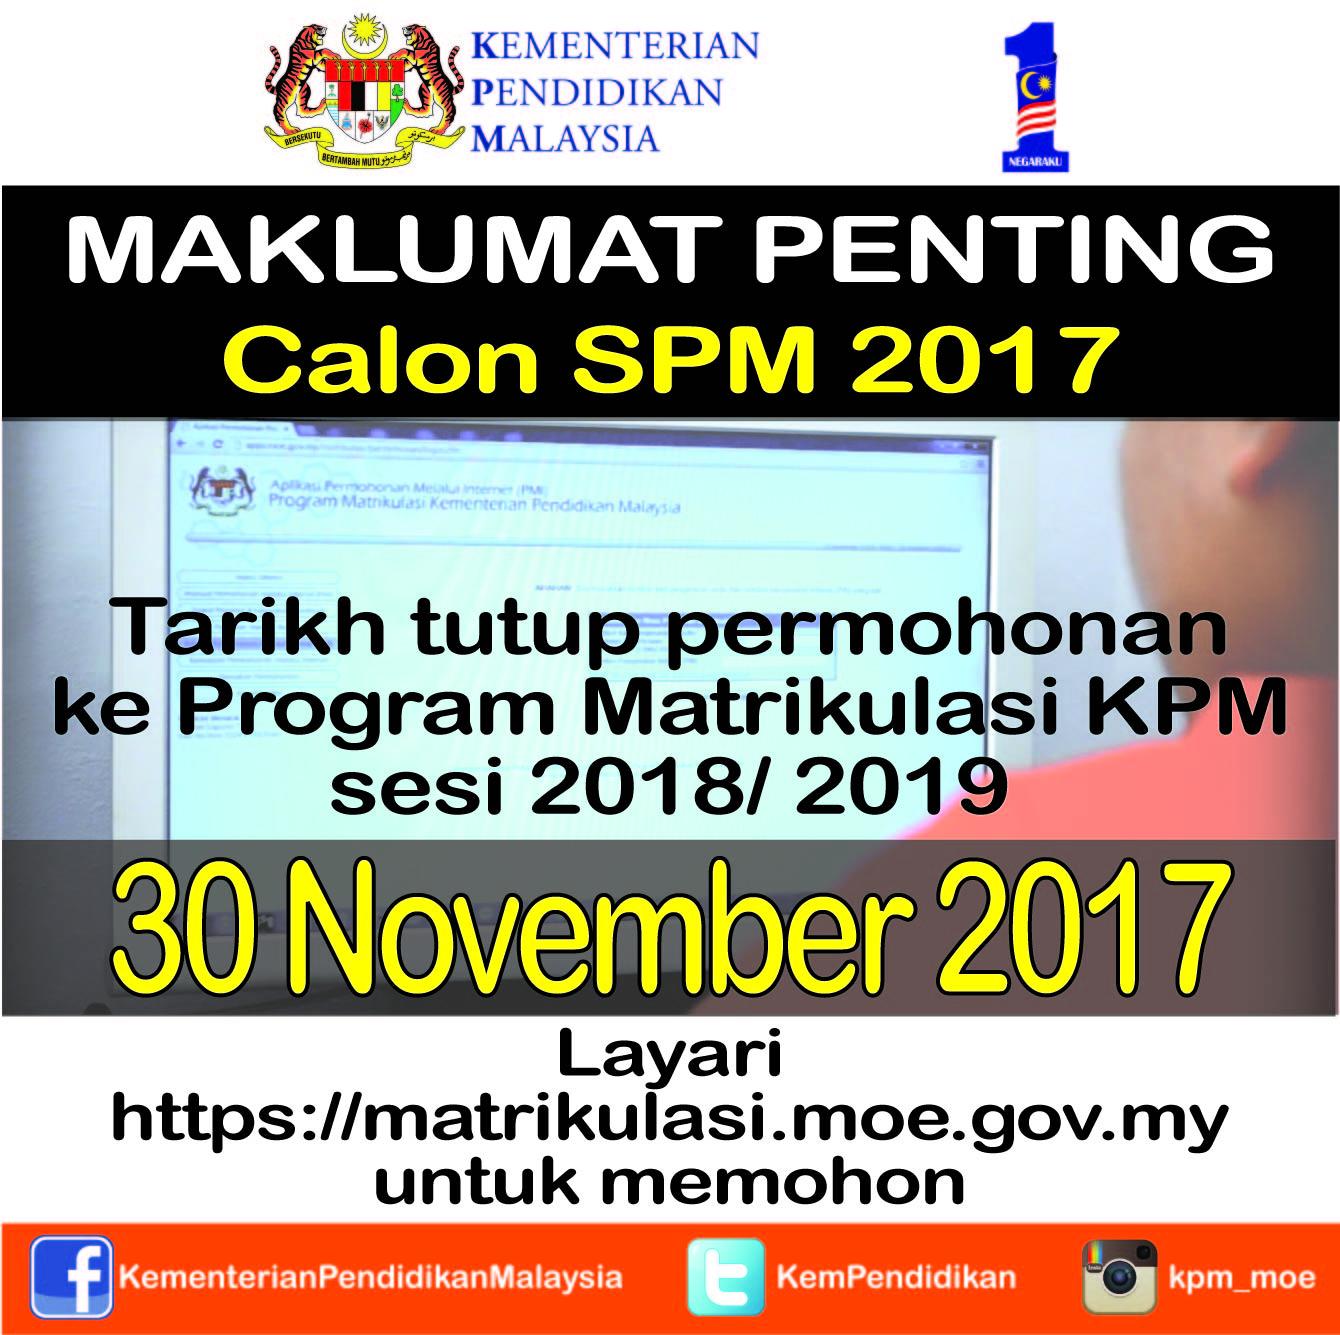 Moe Tarikh Tutup Permohonan Ke Program Matrikulasi Kpm Sesi 2018 2019